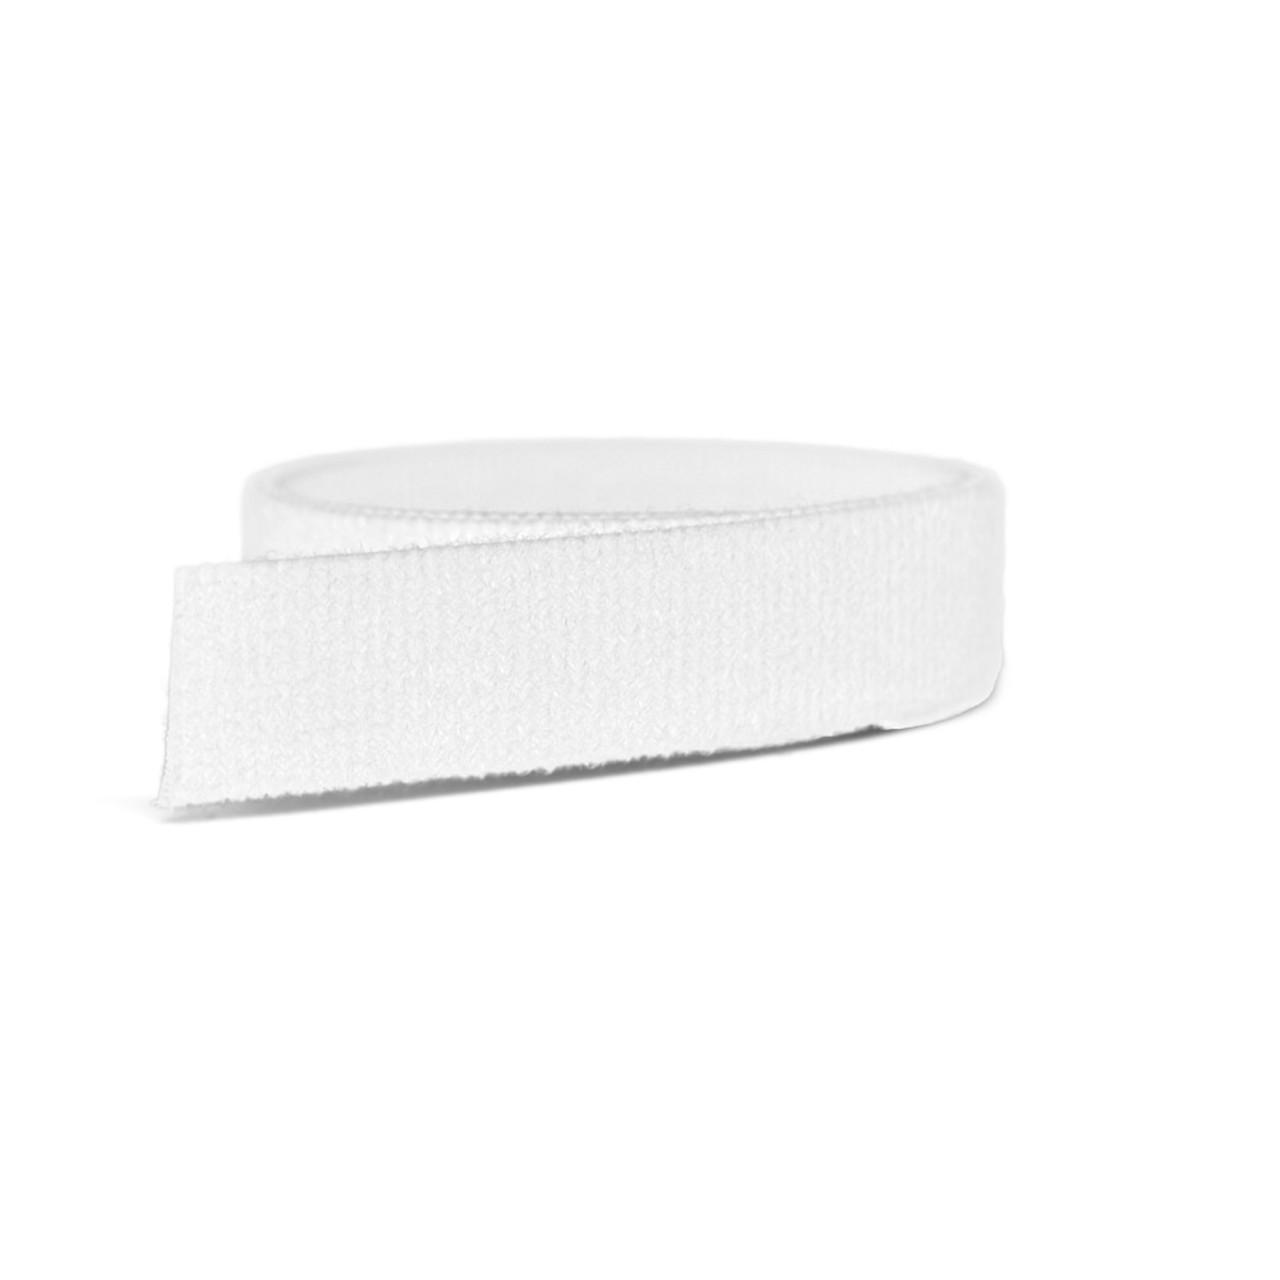 VELCRO® ONE-WRAP® Tape - White / Velcro Straps - Bundling Straps - Velcro Tie - Velcro Strap